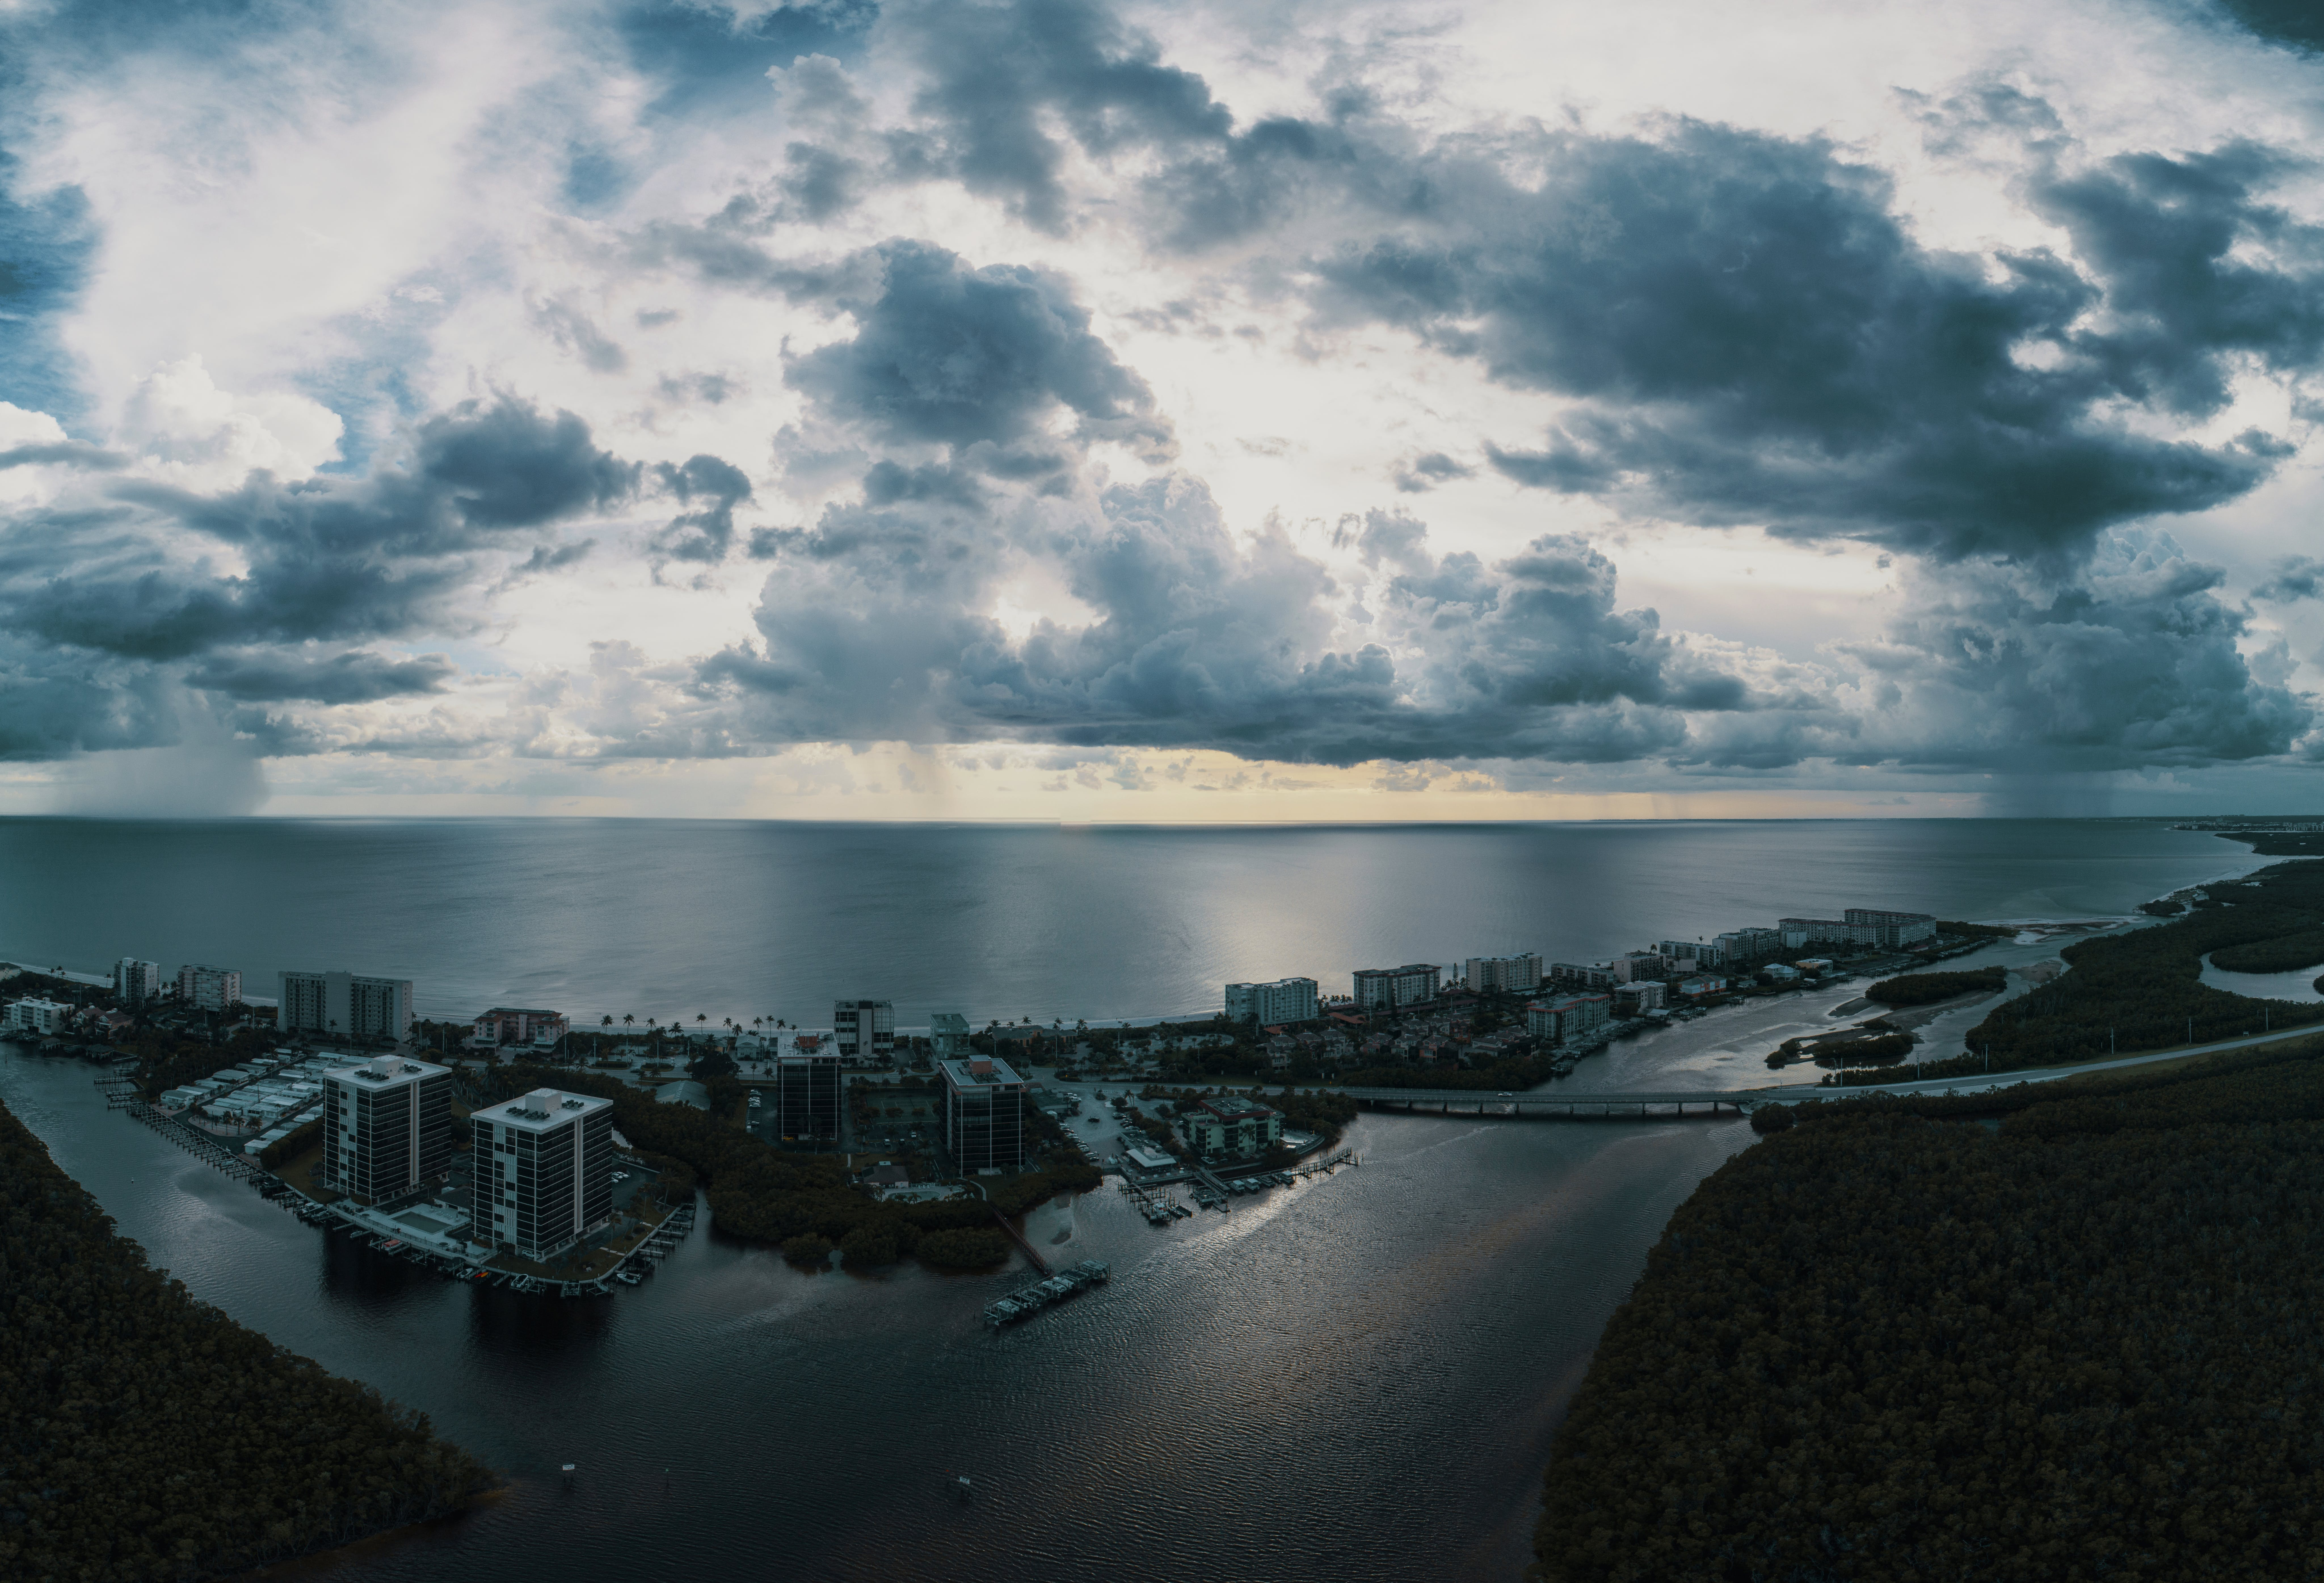 binalar, bulut görünümü, bulutlar, bulutlu içeren Ücretsiz stok fotoğraf